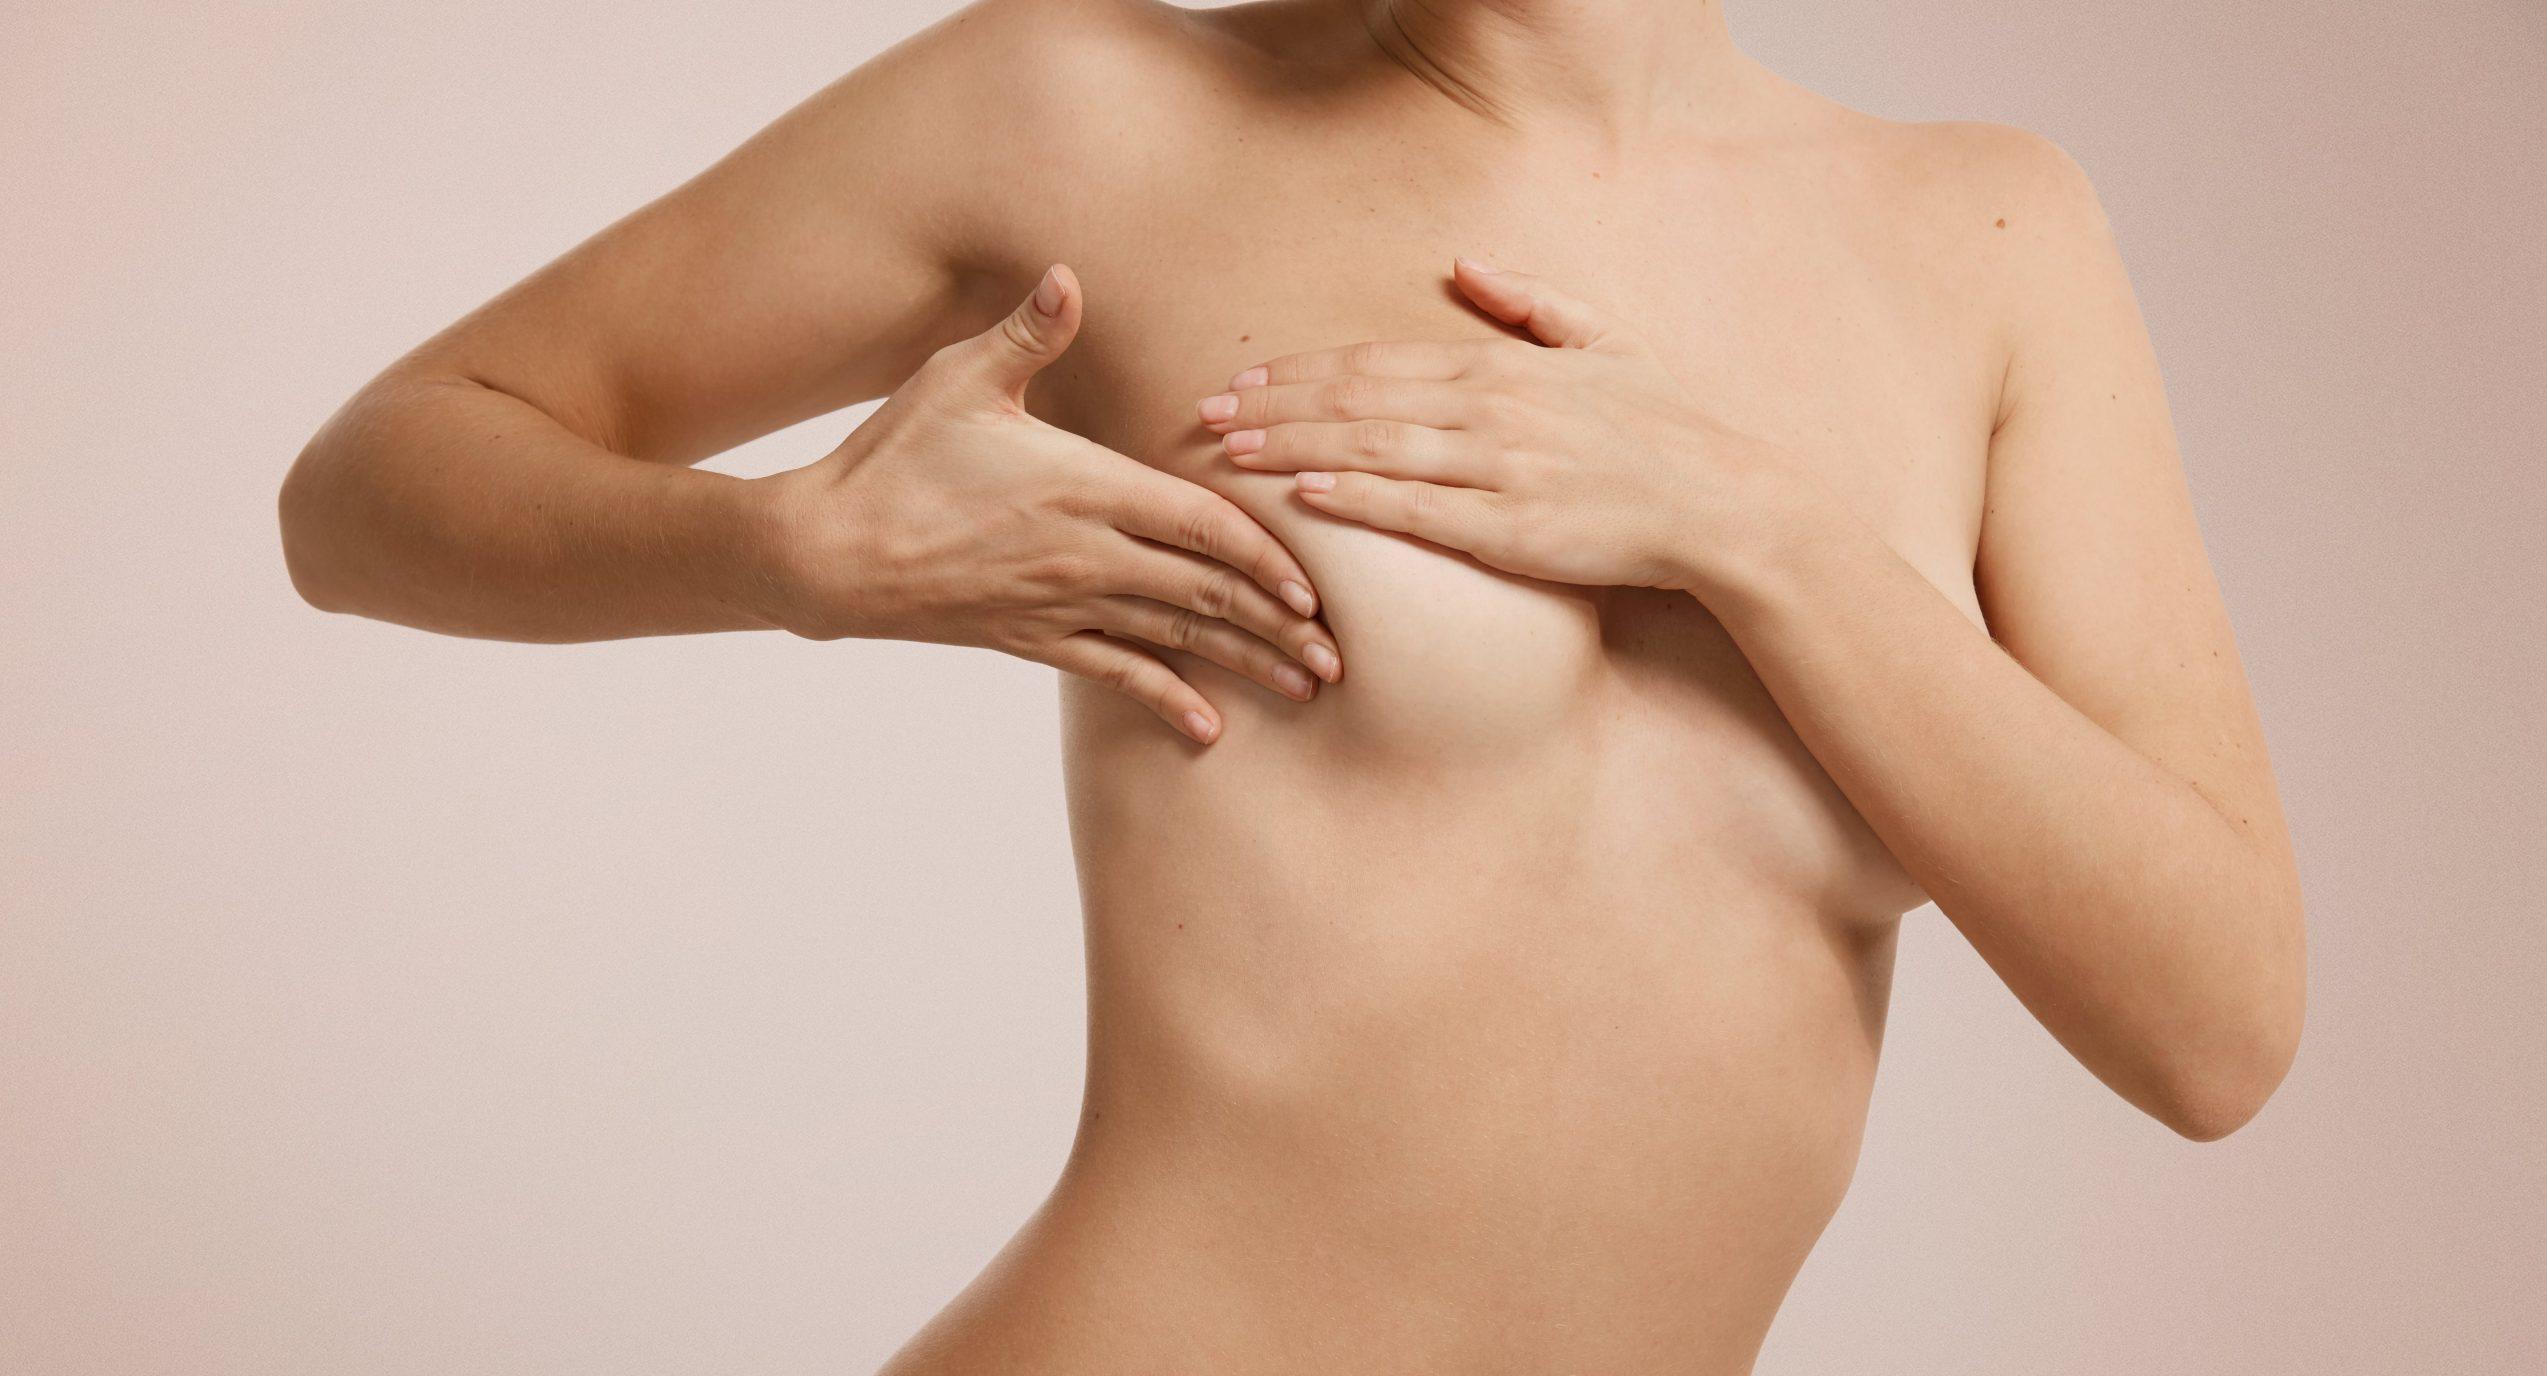 perdida de sensibilidad en los senos después de cirugia